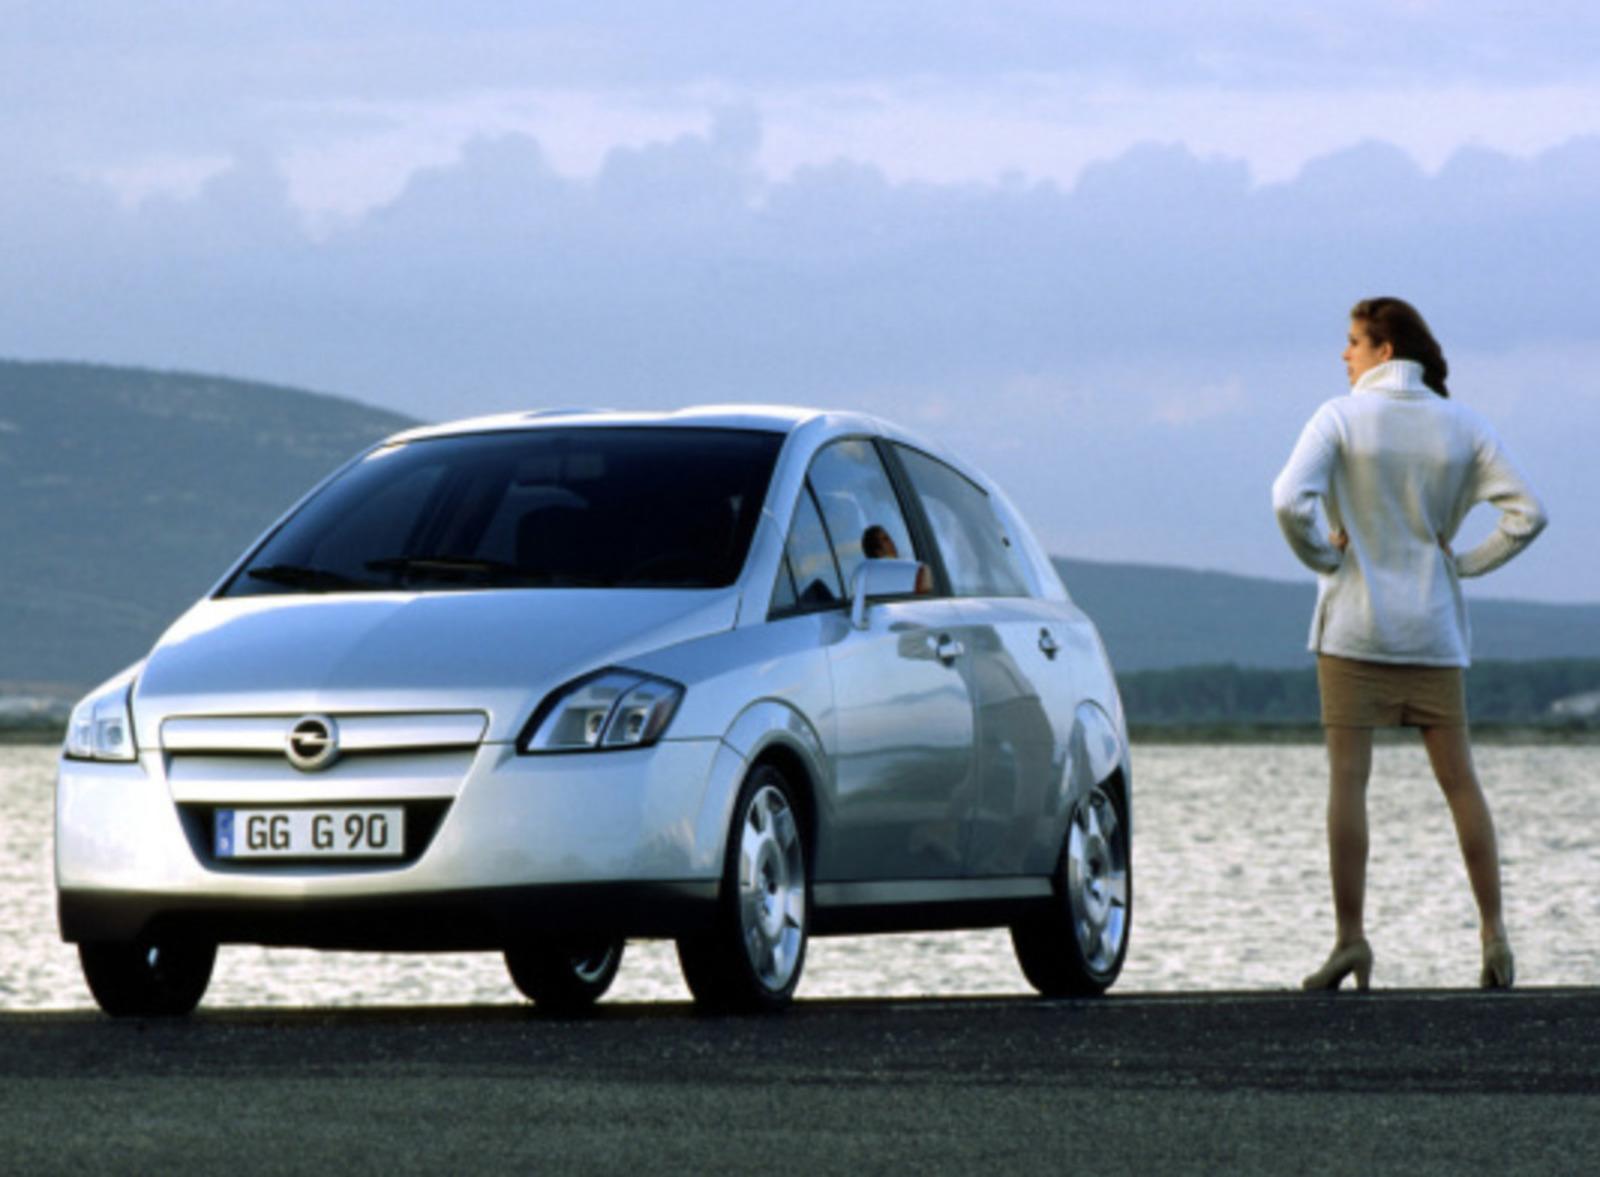 Opel G90 (1)